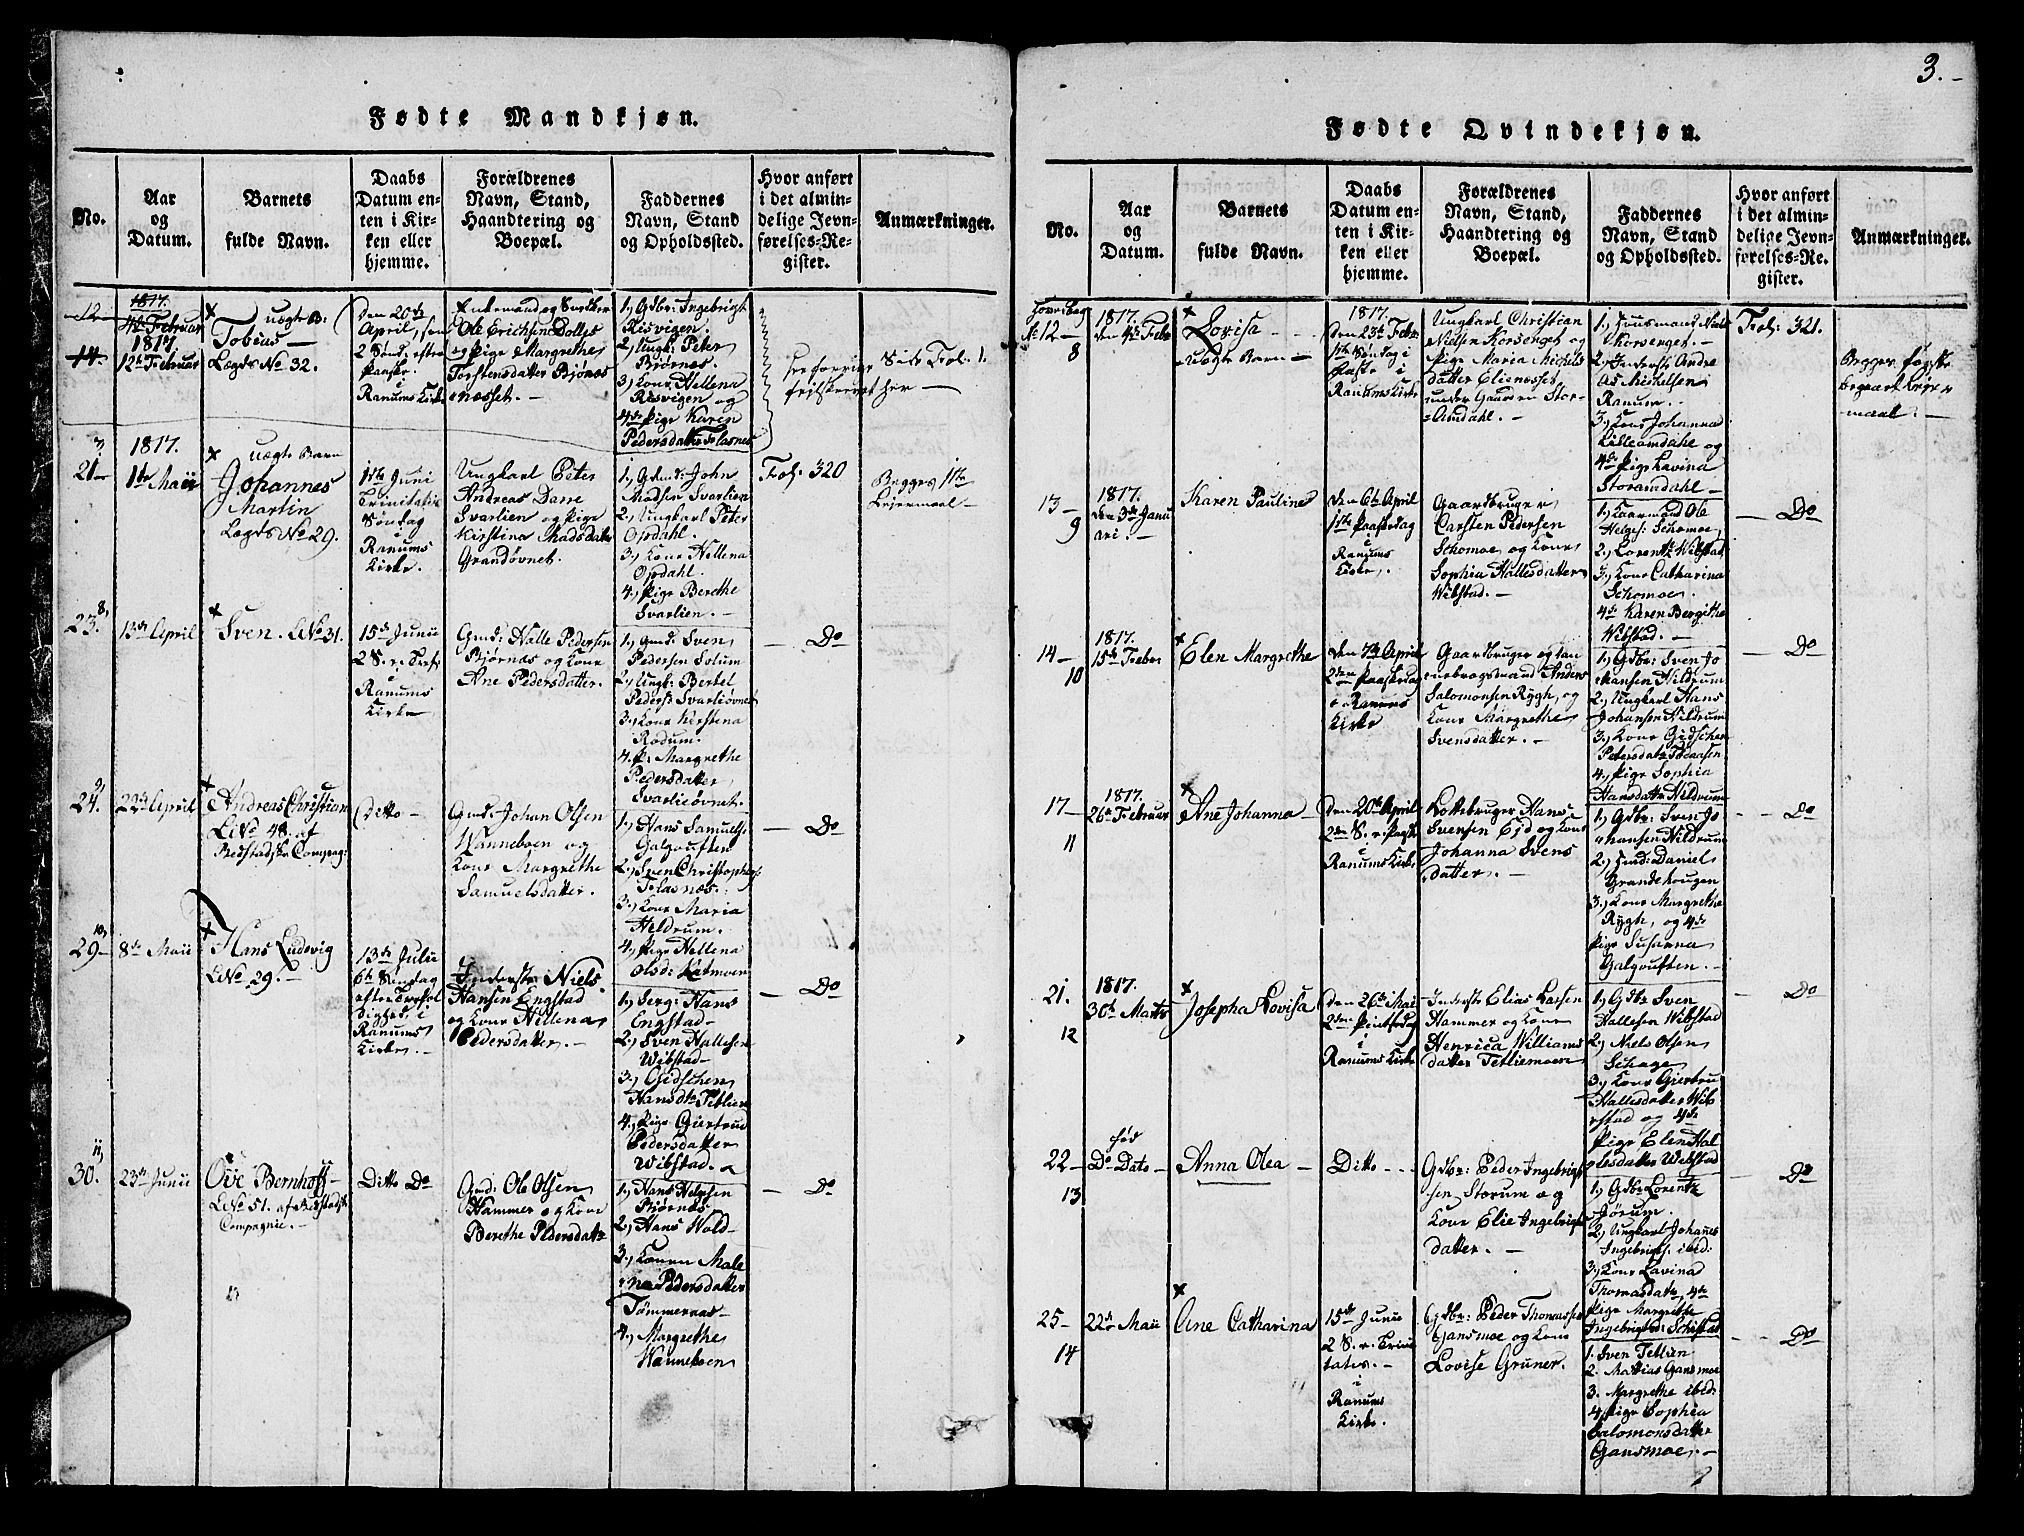 SAT, Ministerialprotokoller, klokkerbøker og fødselsregistre - Nord-Trøndelag, 764/L0546: Ministerialbok nr. 764A06 /1, 1816-1823, s. 3